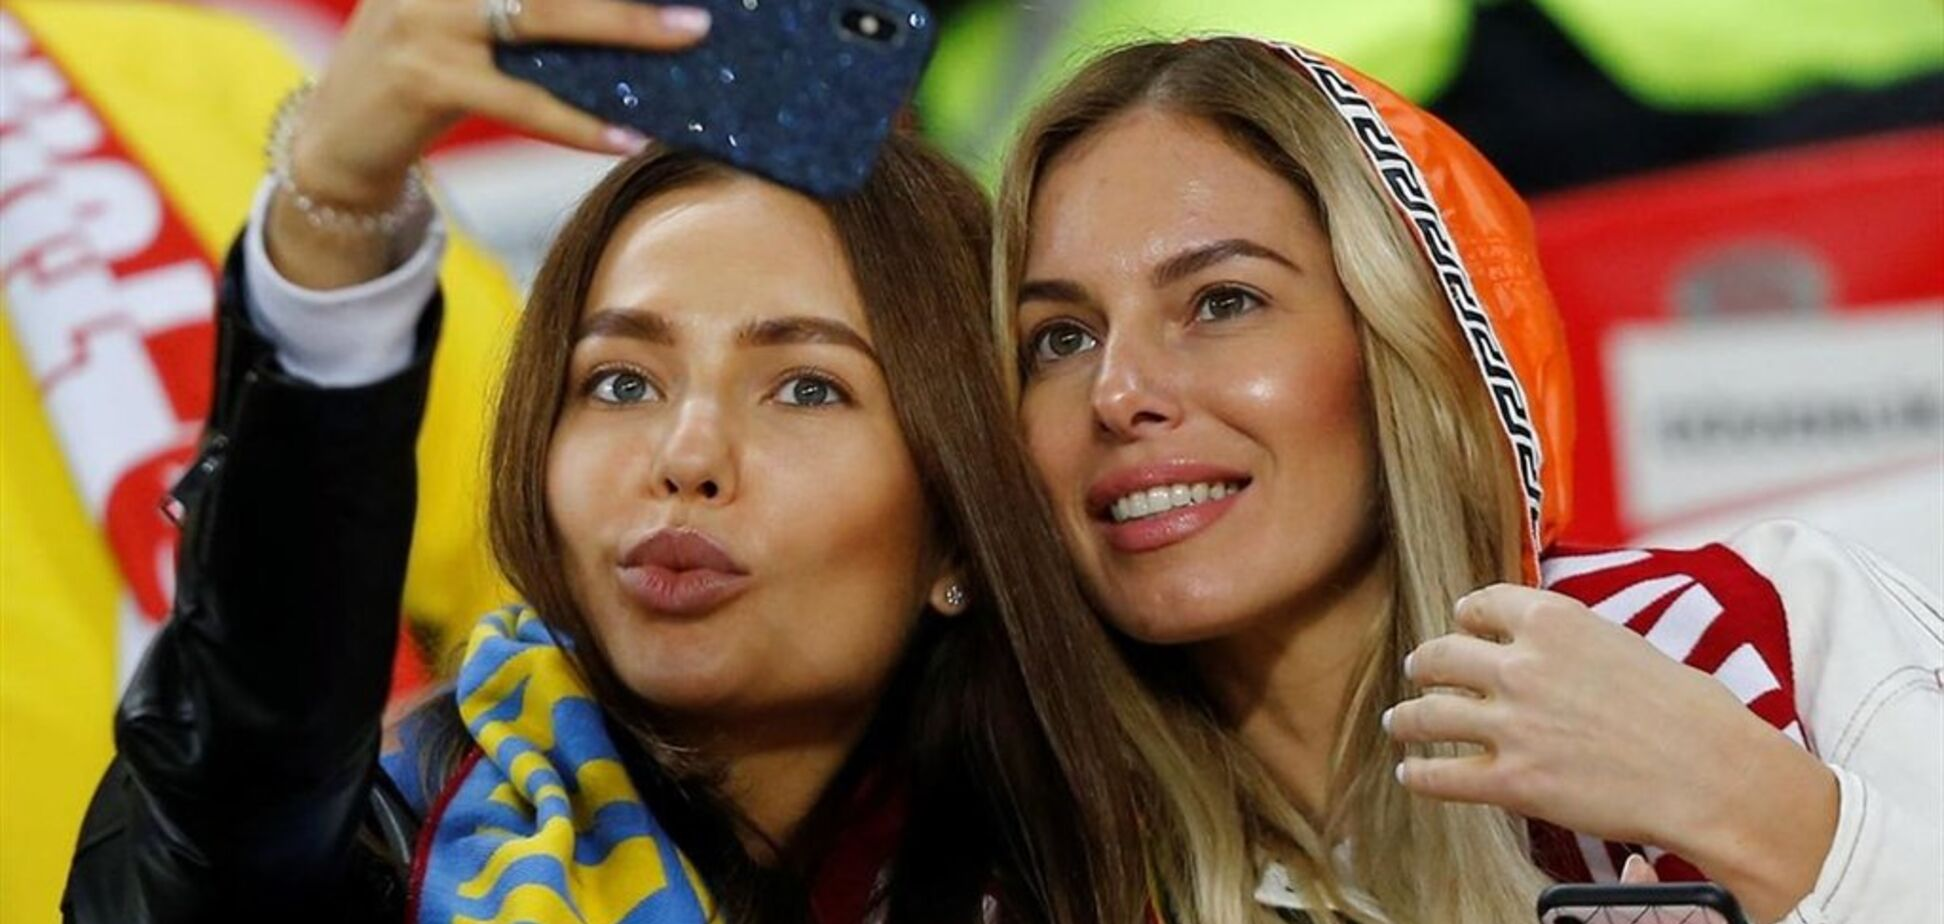 Збірну України підтримали в Туреччині ефектні фанатки: фото красунь